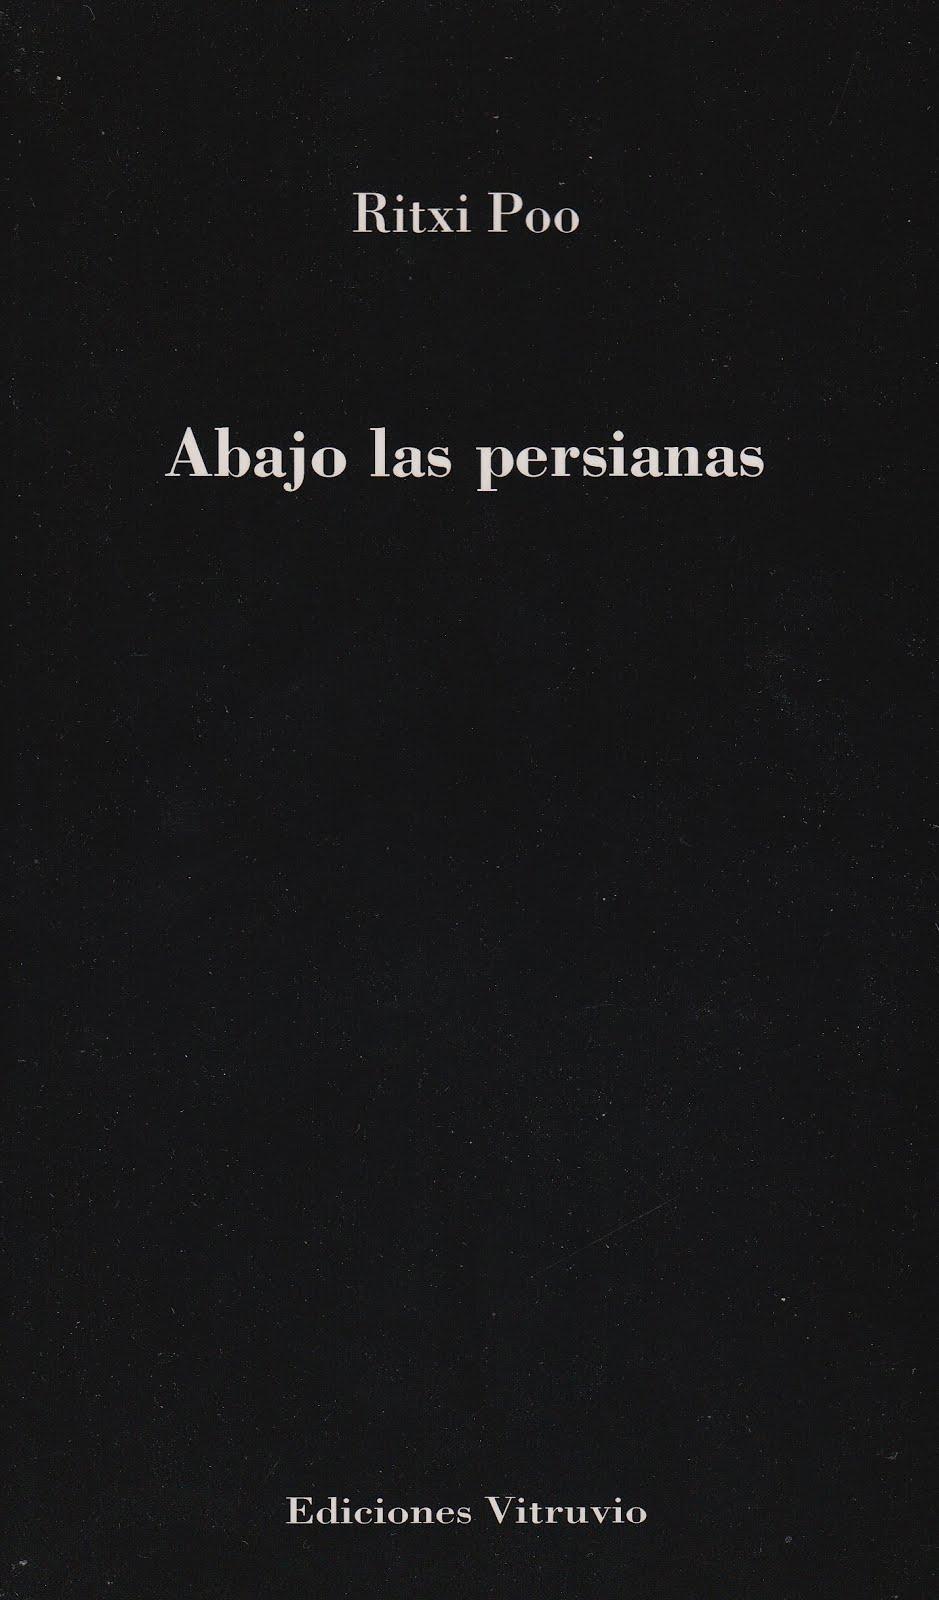 ABAJO LAS PERSIANAS